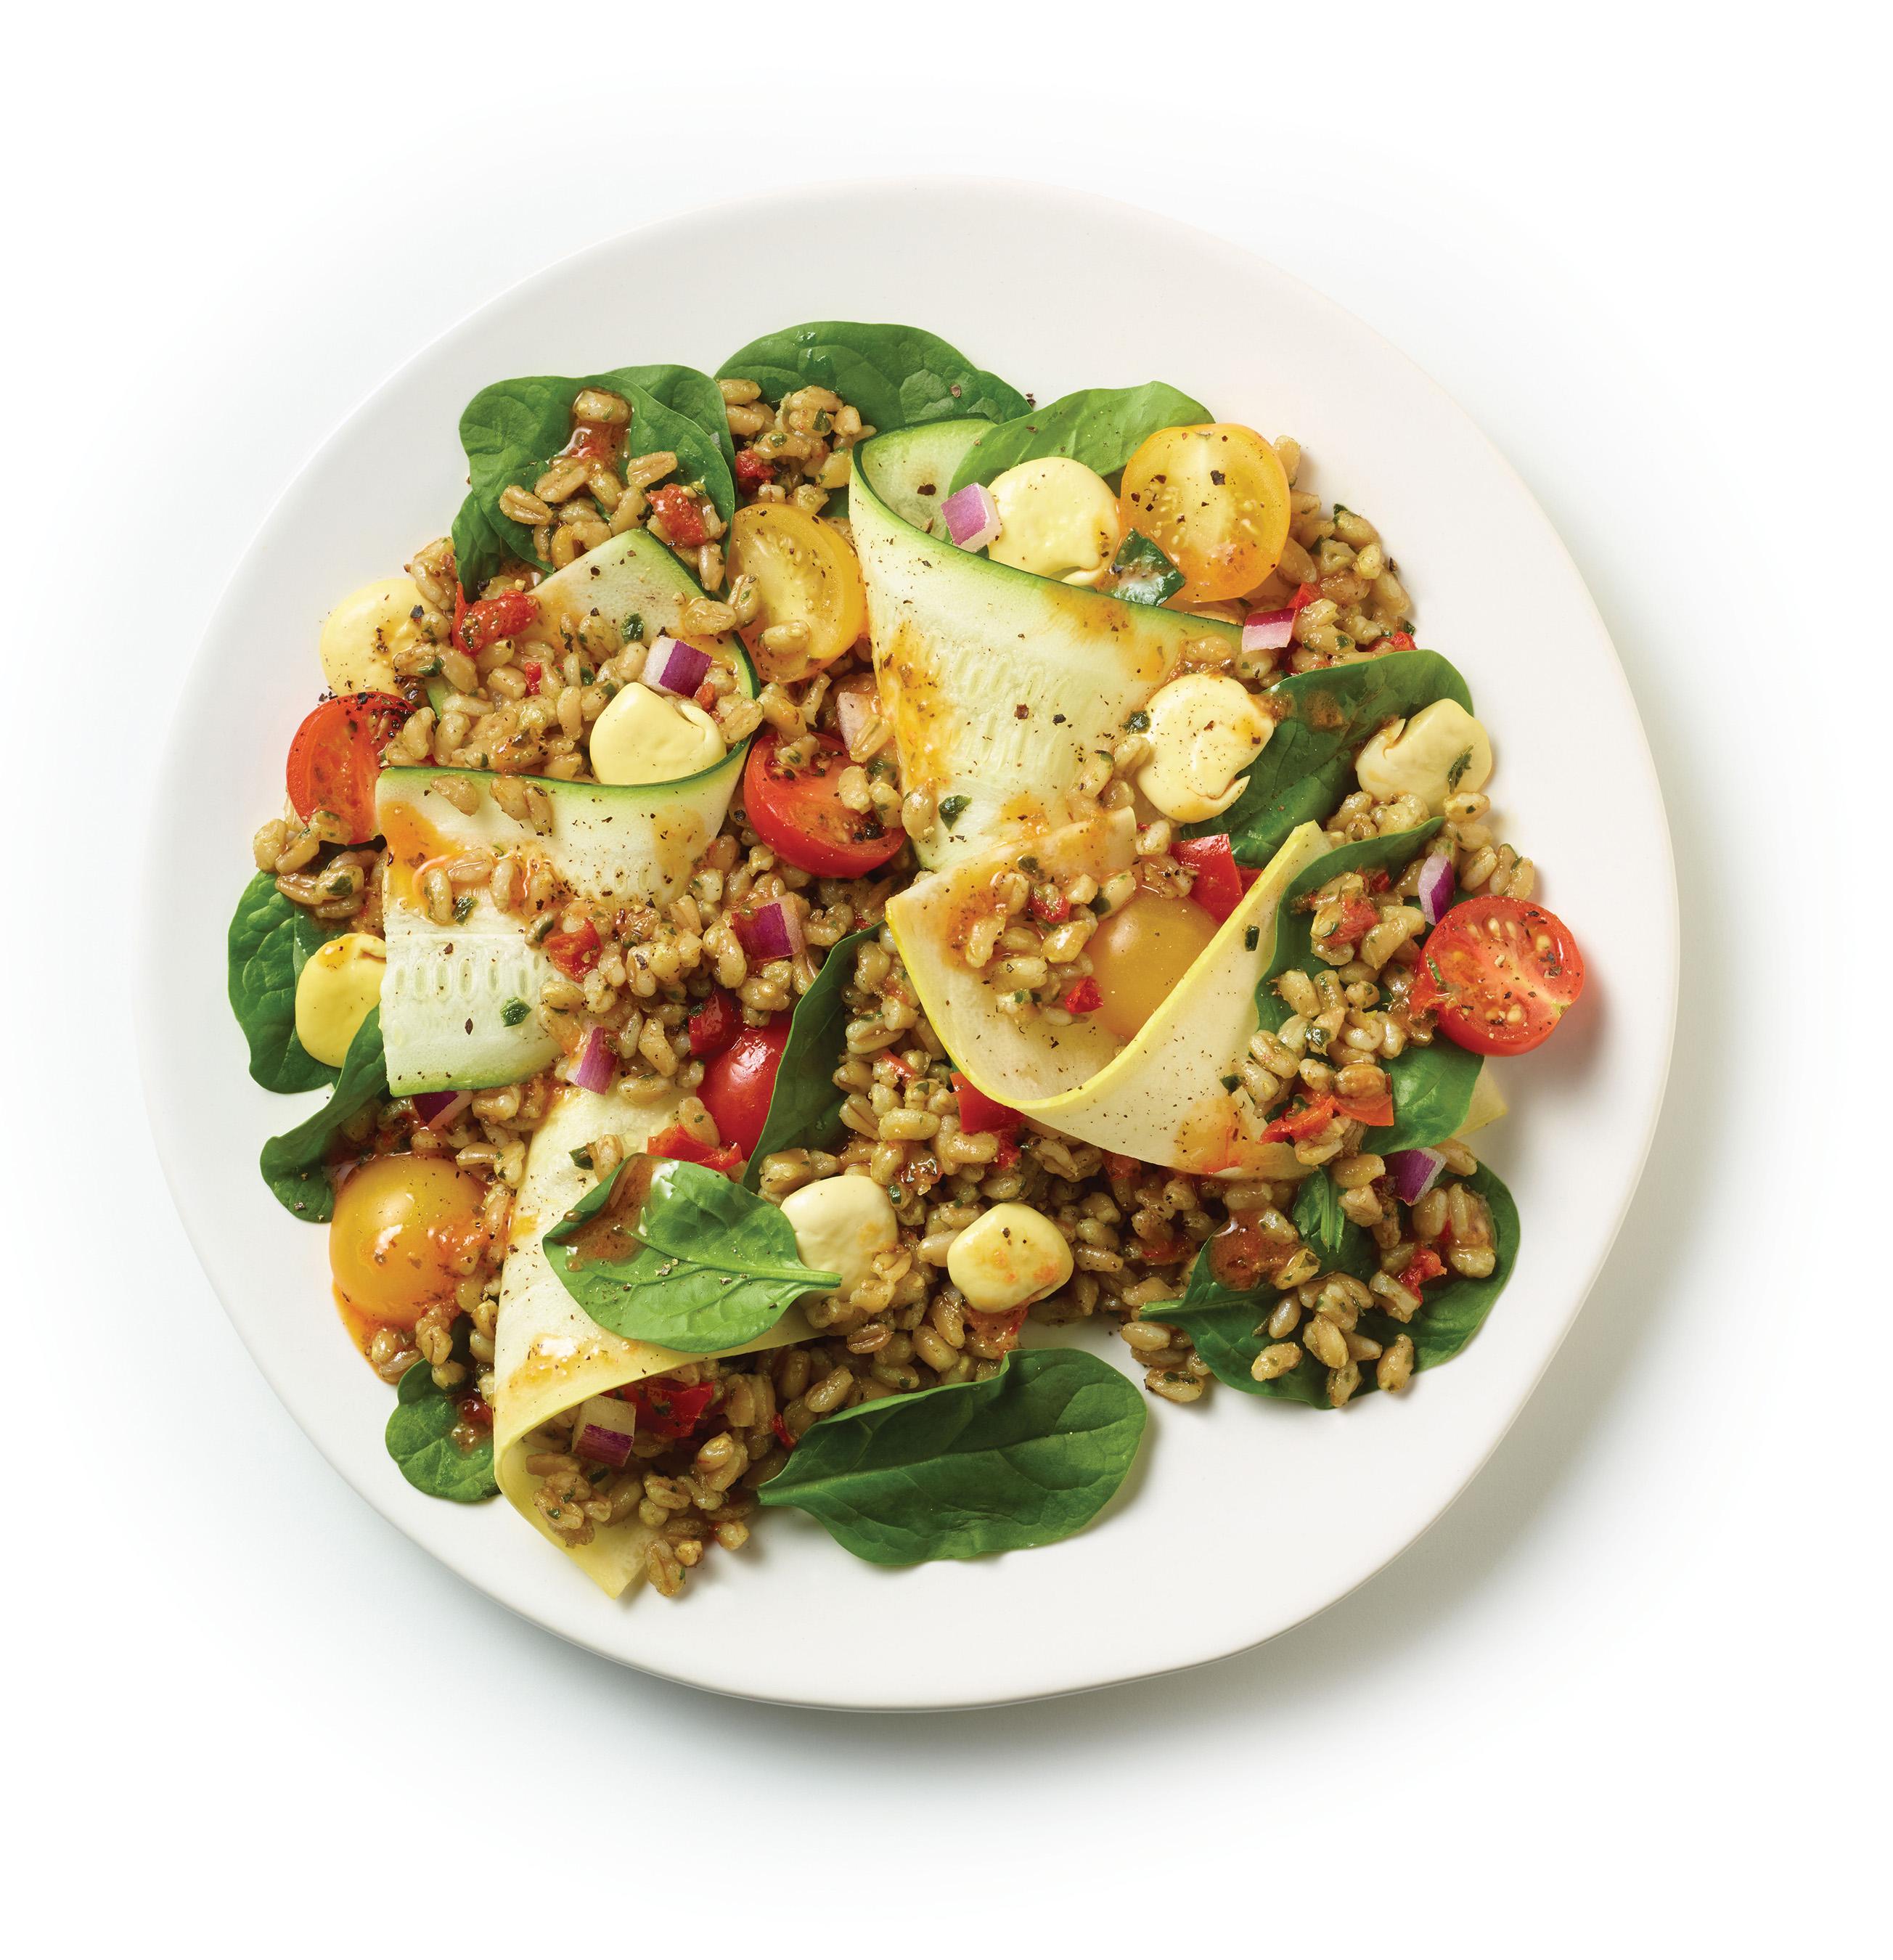 Zoe Kitchen Menu: Zoës Kitchen Shares Four New Ways To Live More Mediterranean